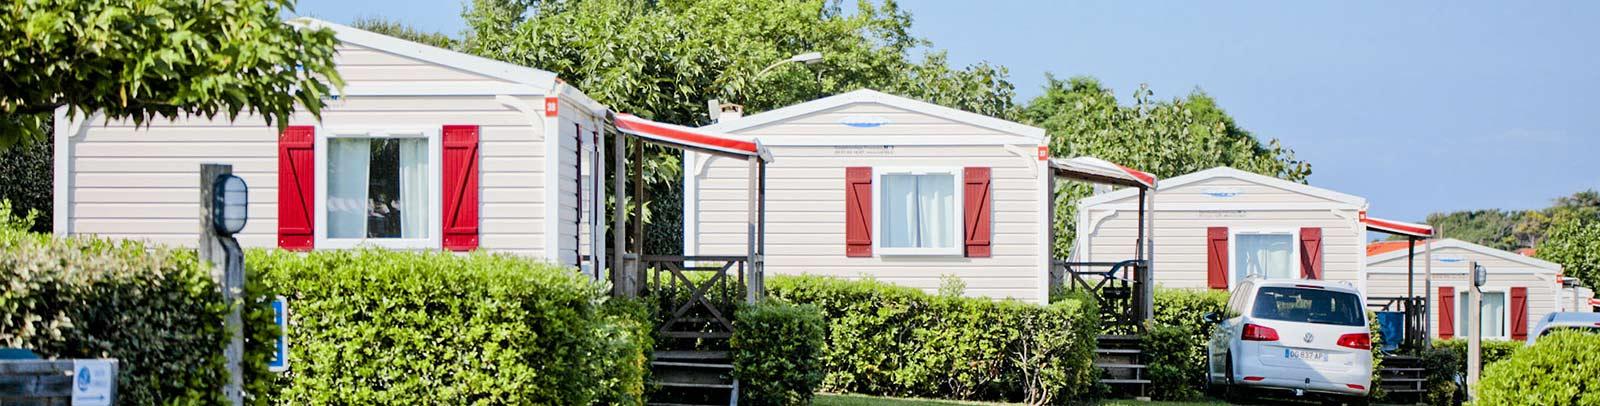 Camping 3 etoiles Merko laccara